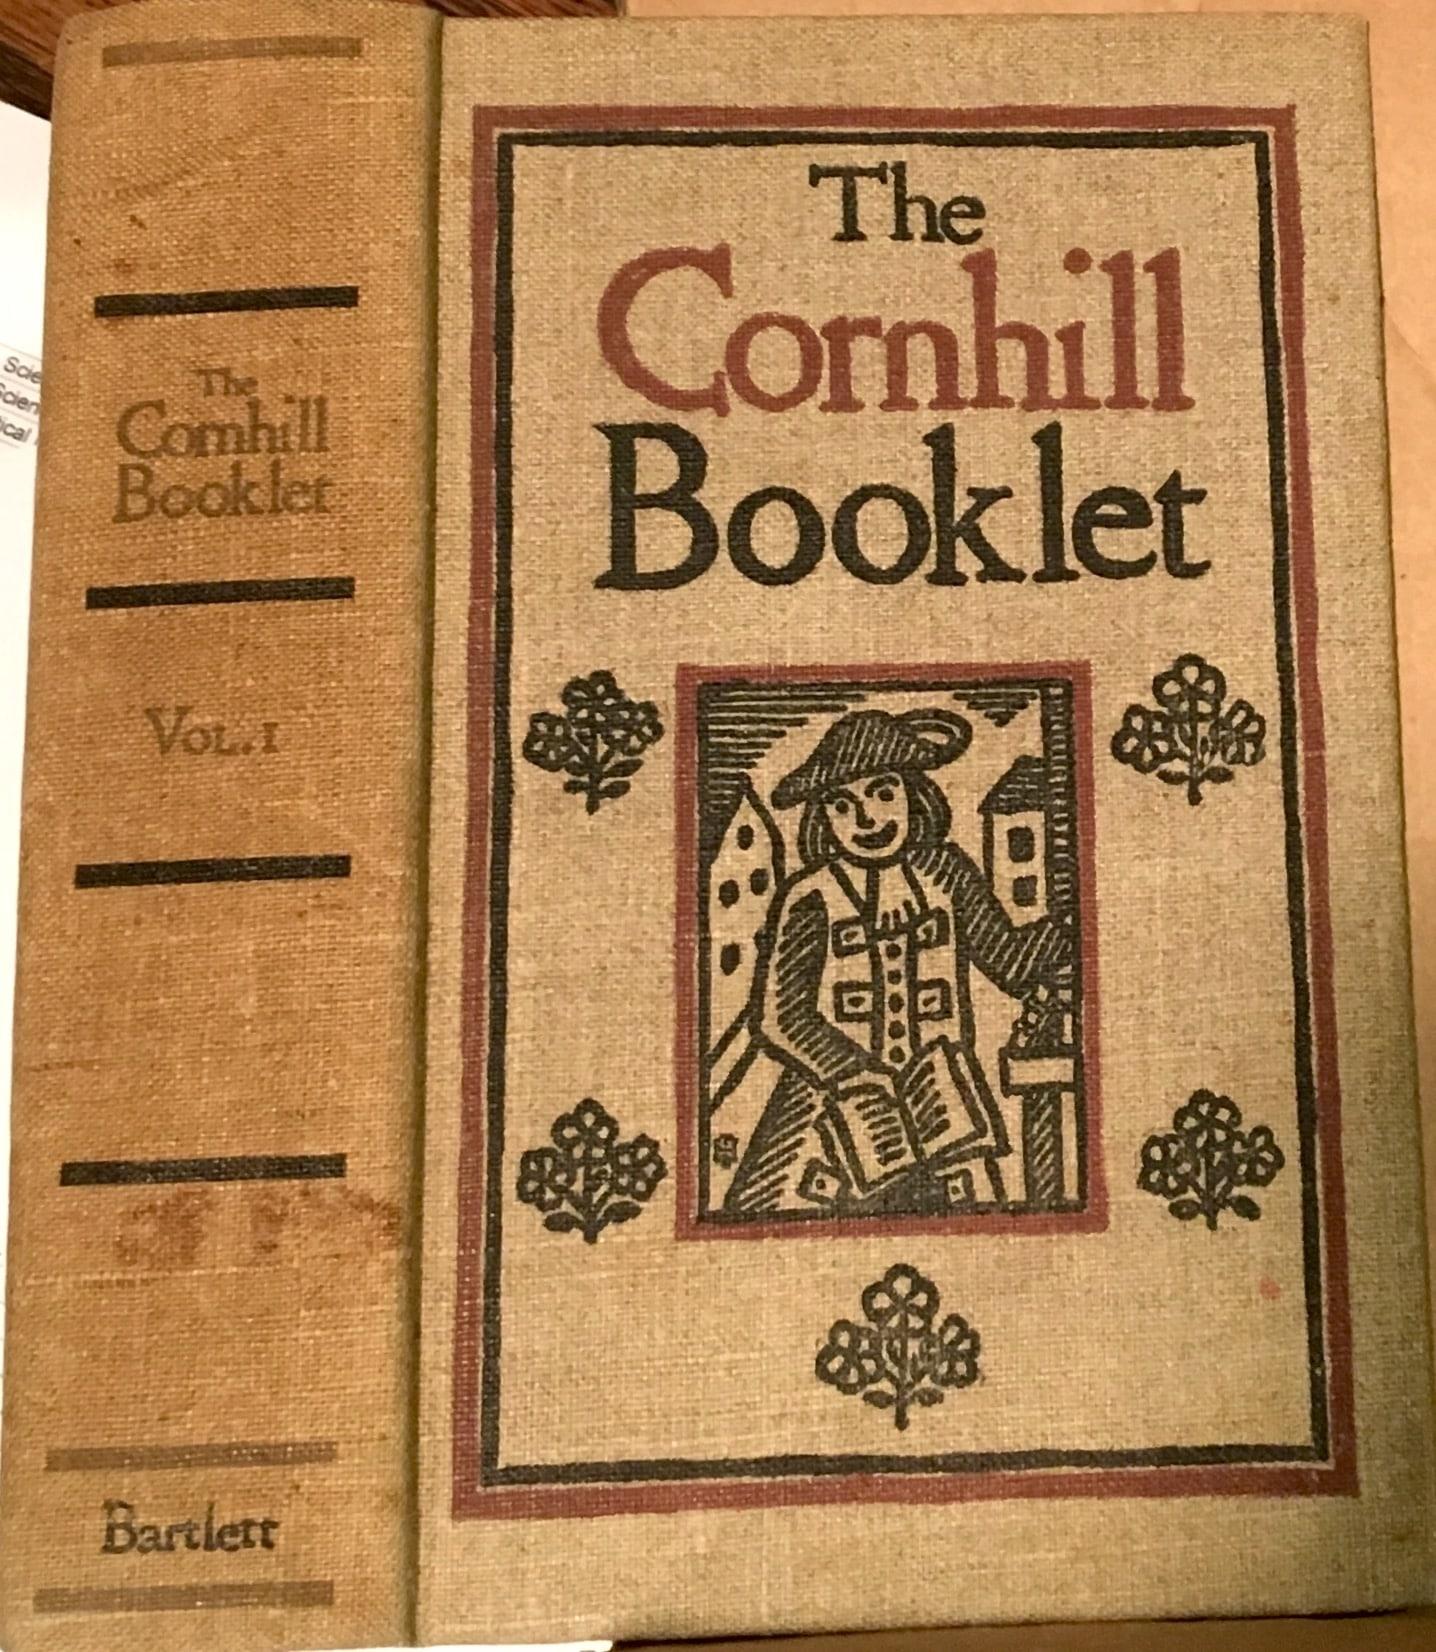 Cornhill Booklet